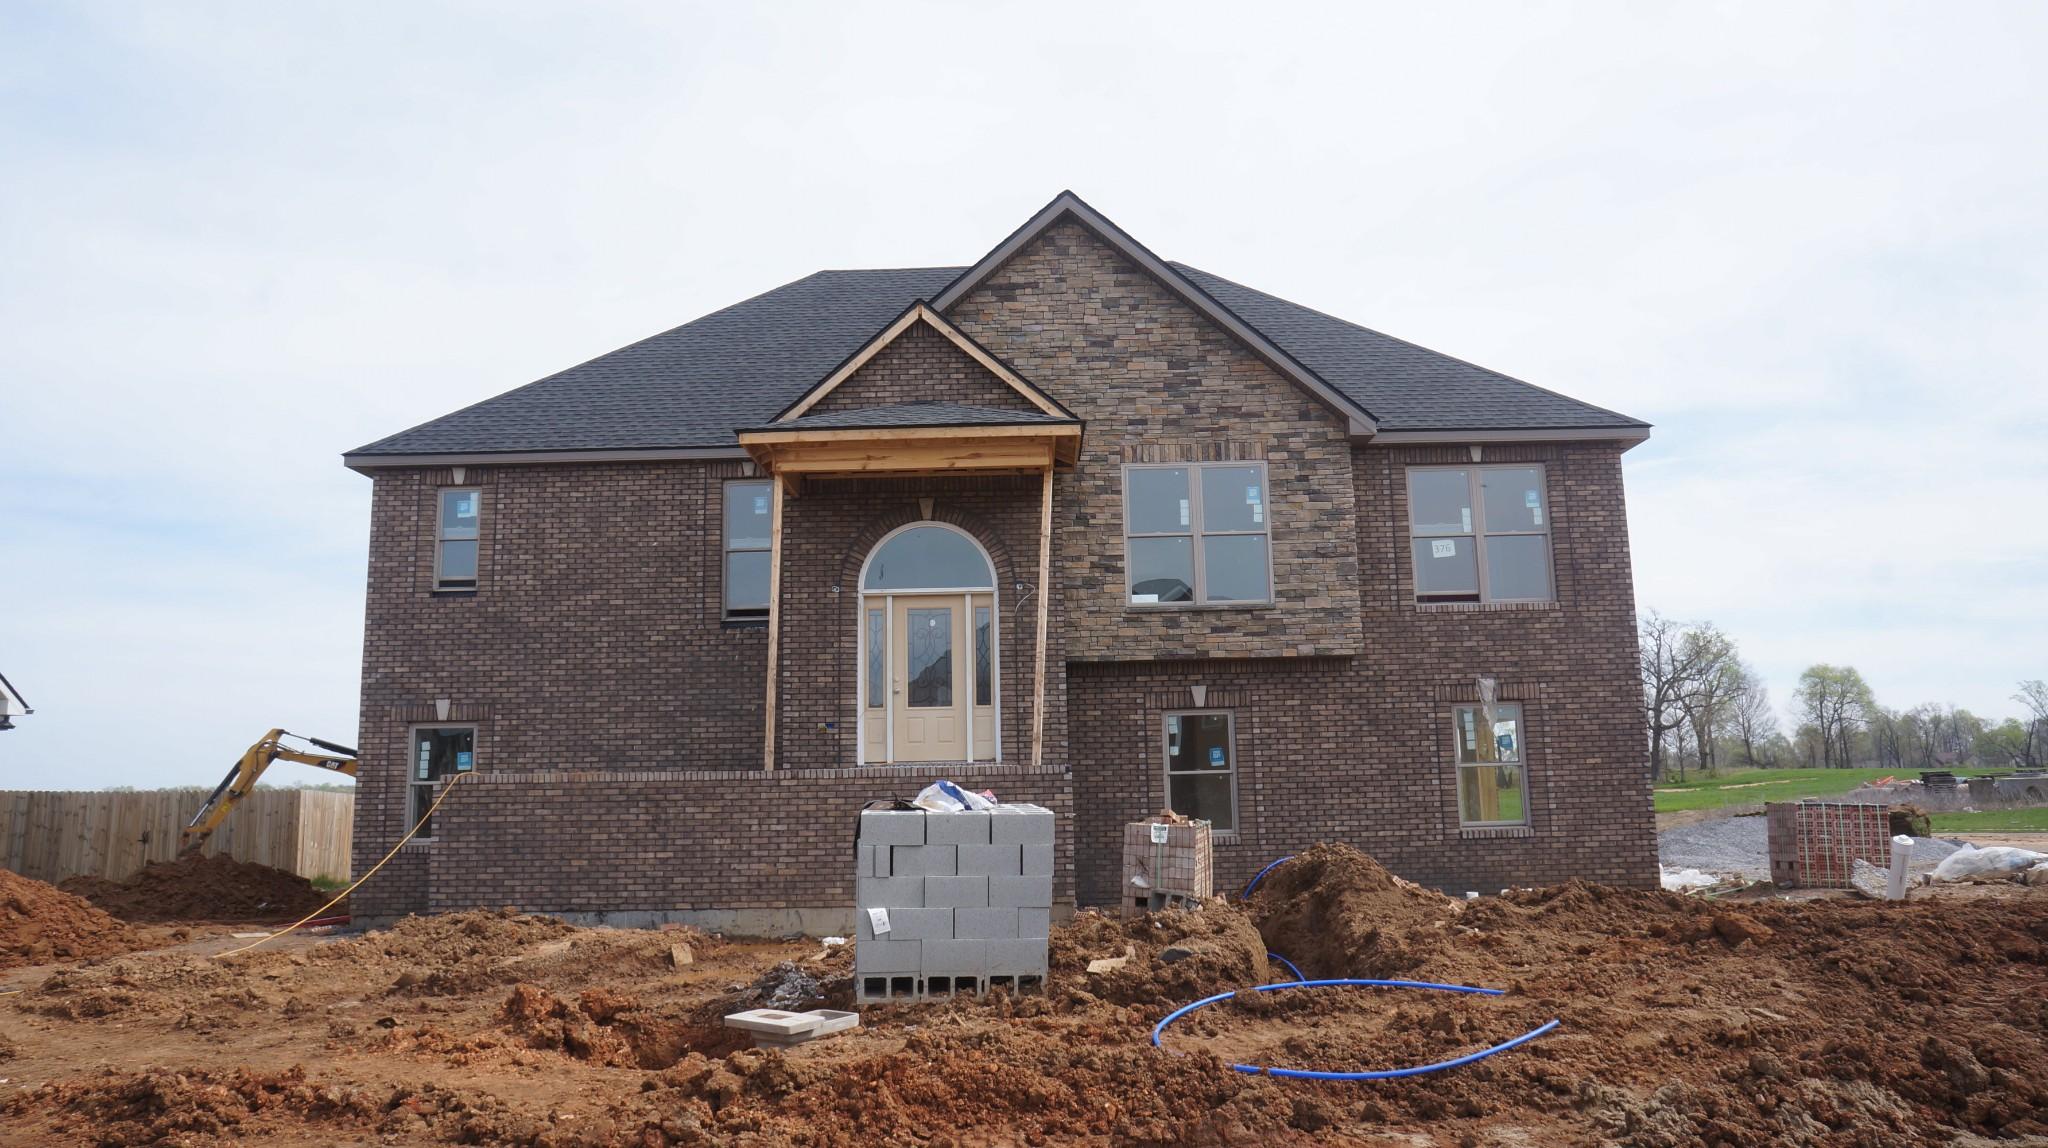 376 Autumnwood Farms, Clarksville, TN 37042 - Clarksville, TN real estate listing